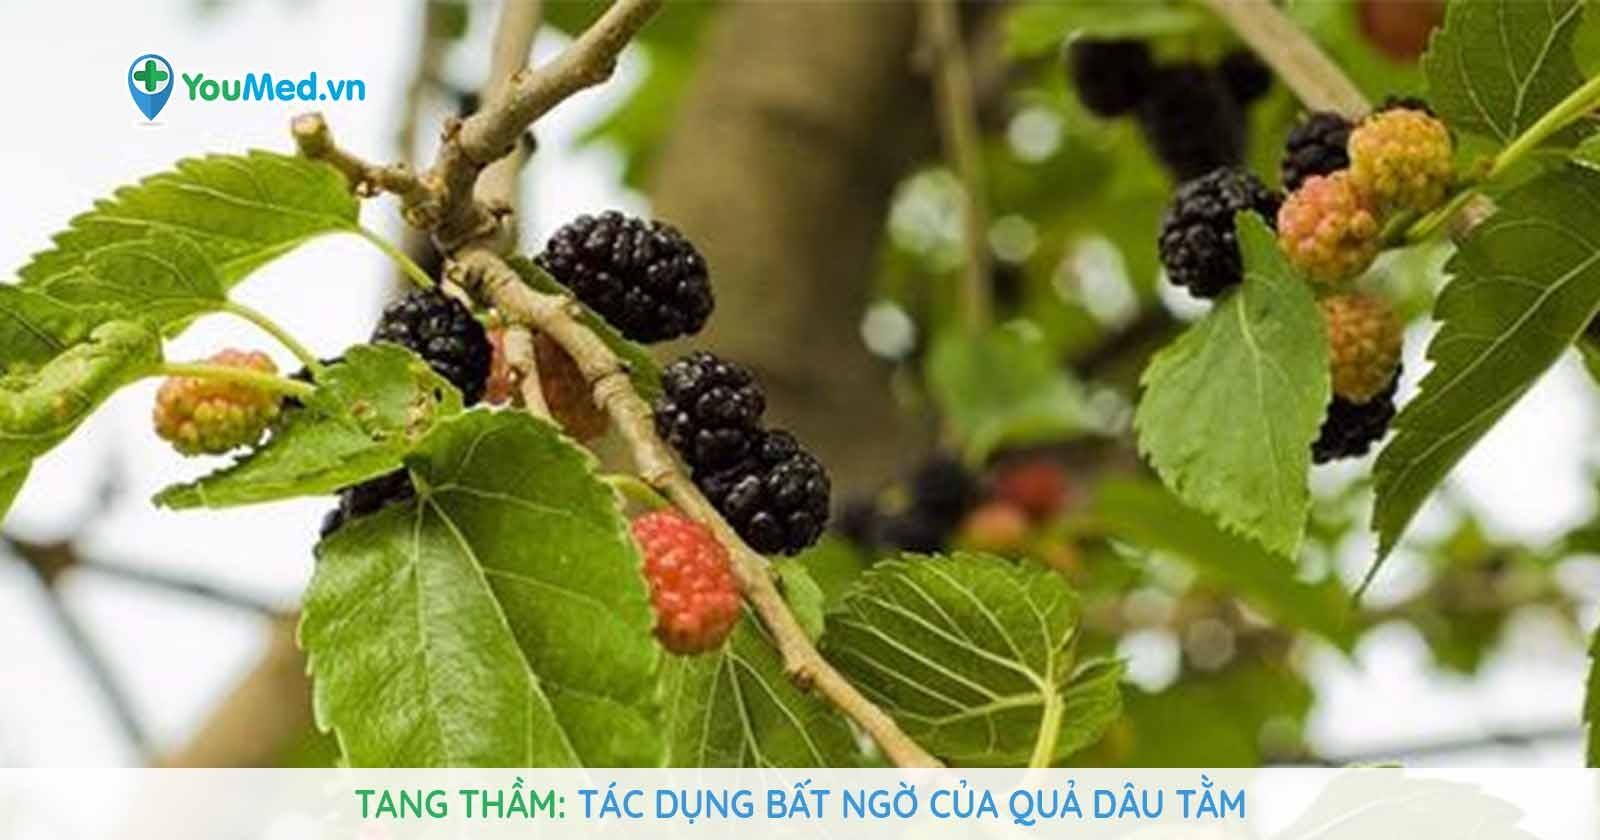 Tang thầm - Tác dụng bất ngờ của quả dâu tằm